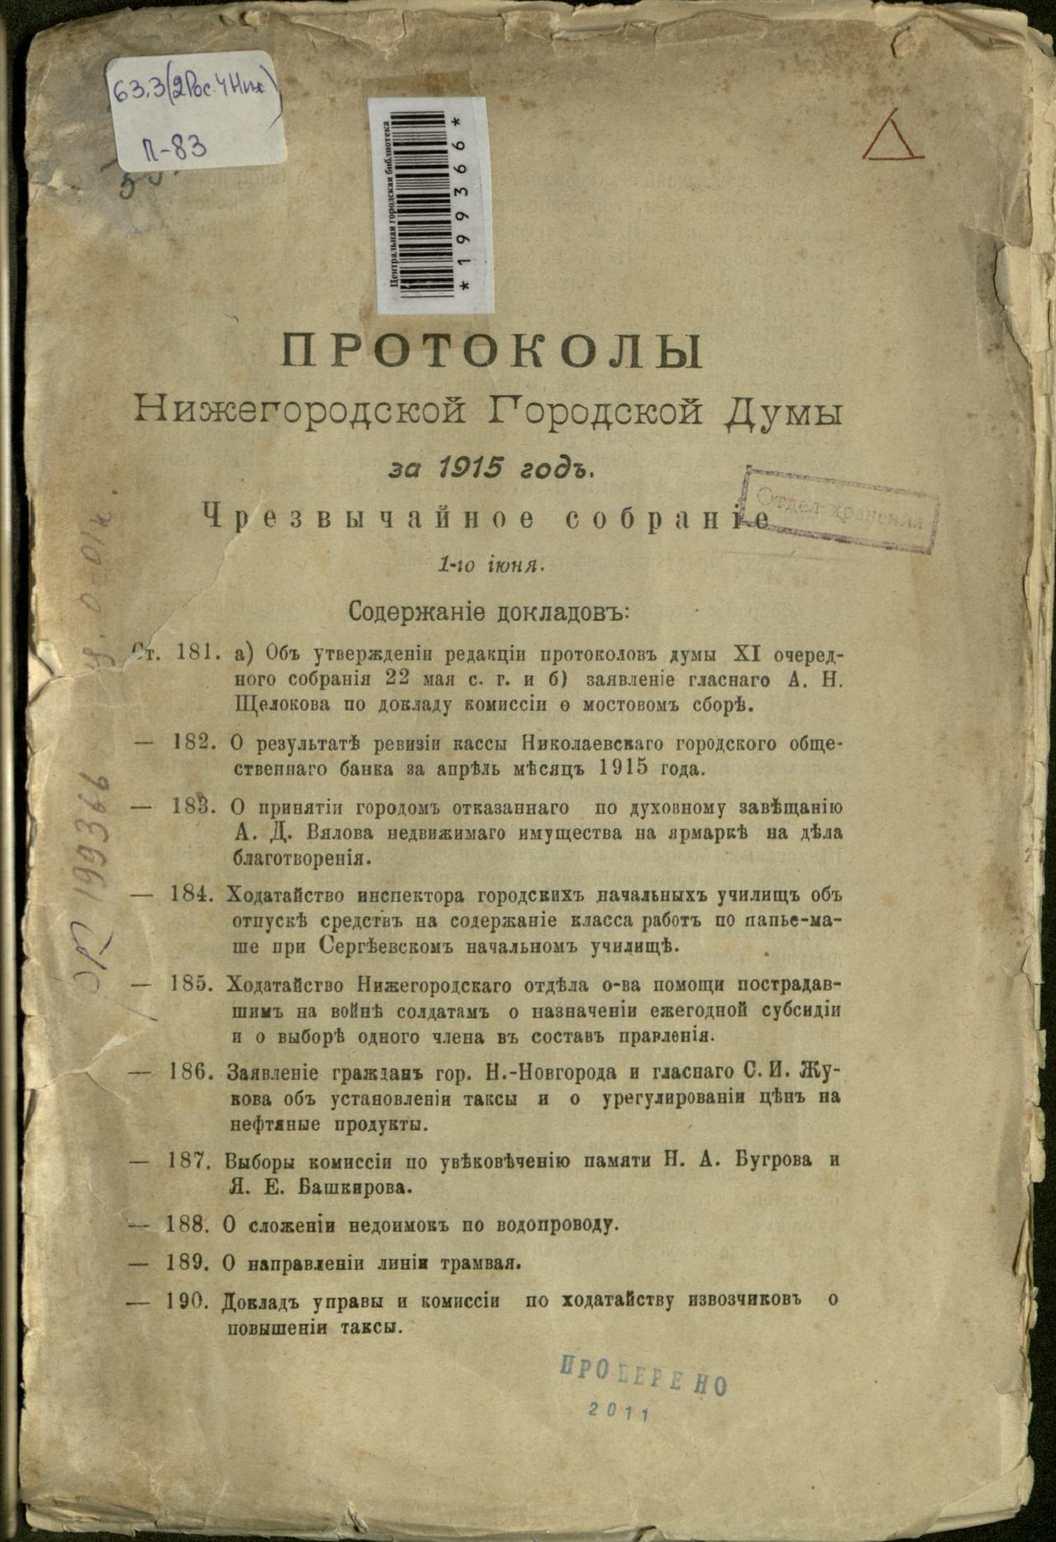 Протоколы Нижегородской Городской Думы за  1915 год